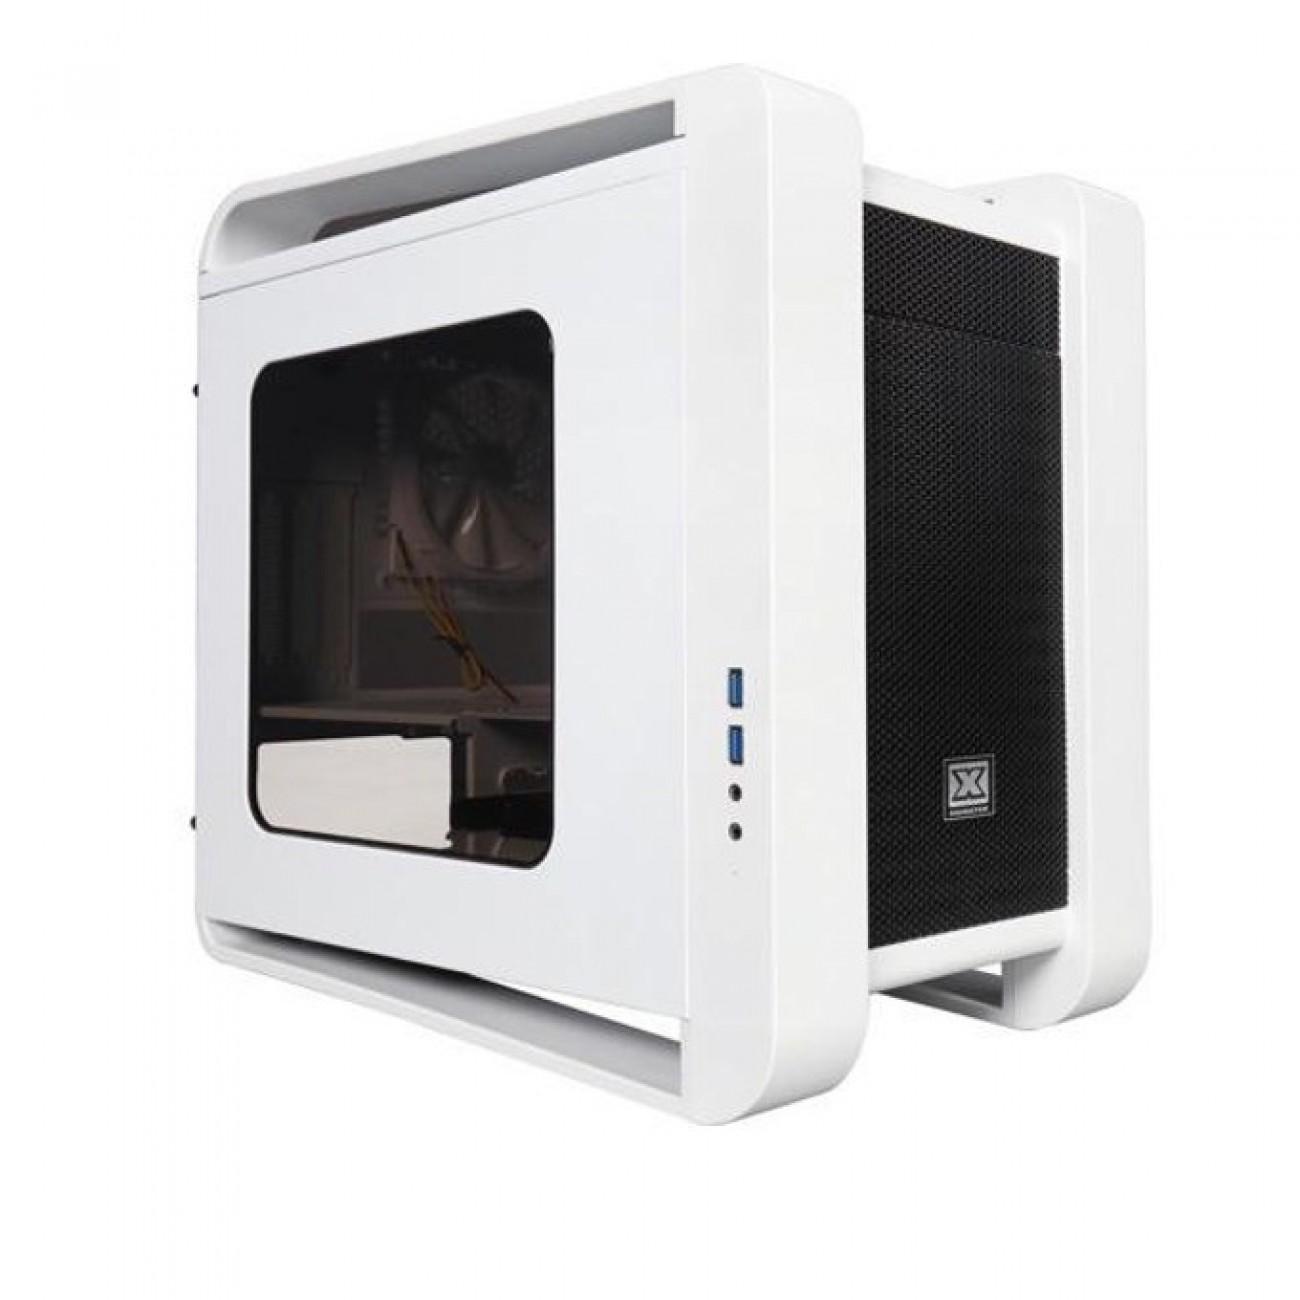 Кутия Xigmatek Aquila White, Mini ITX / Micro ATX, 2x USB 3.0, 1x вентилатор 120mm, 1x LED вентилатор 200м, бяла, без захранване в Компютърни кутии -  | Alleop